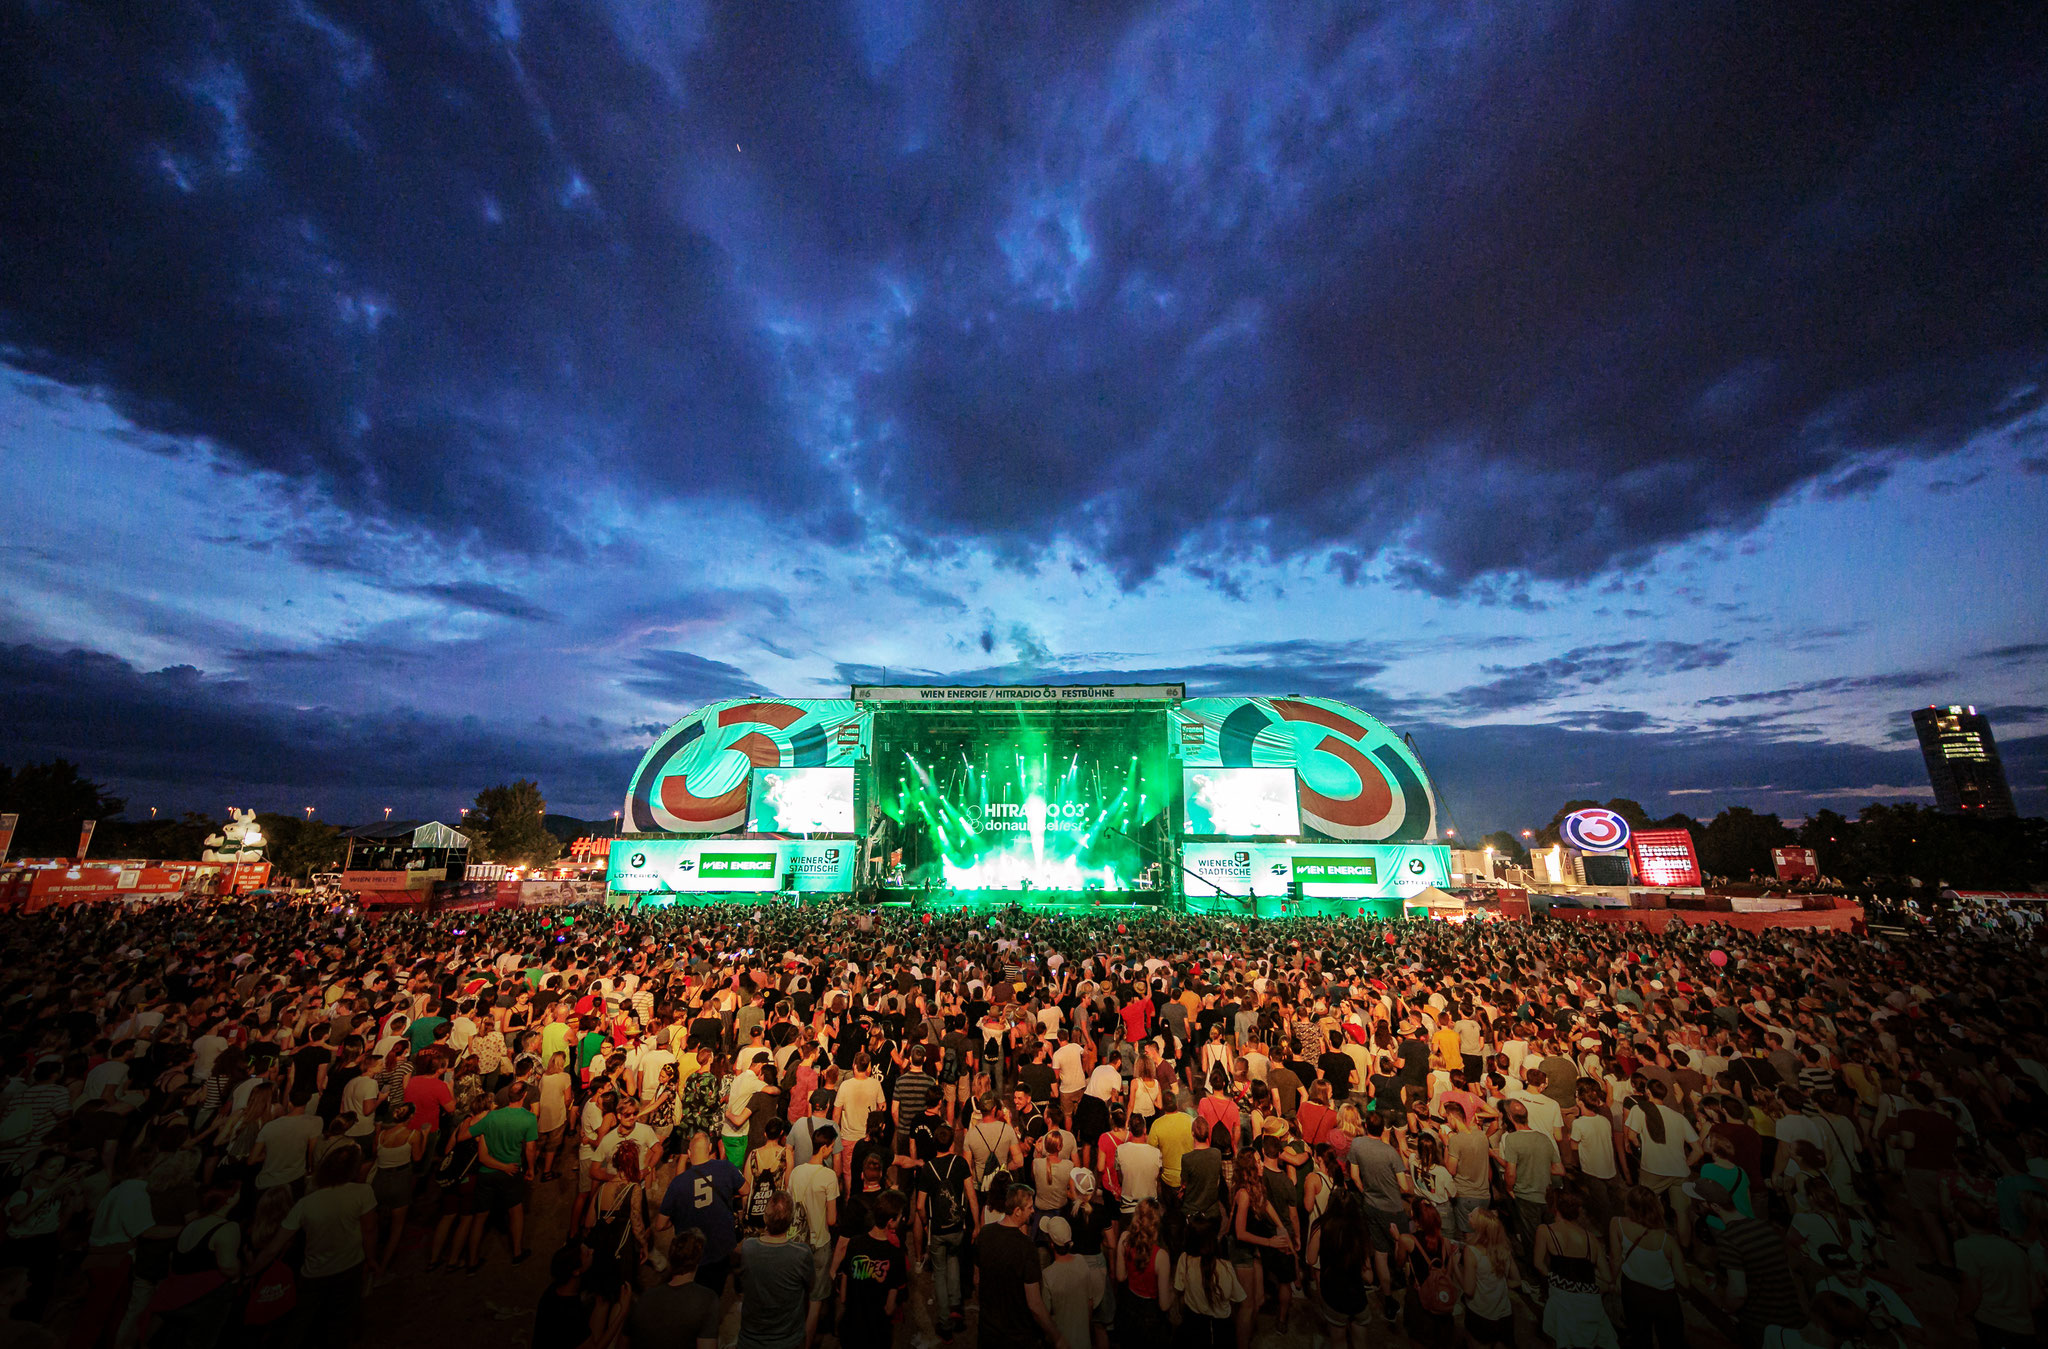 Das Wiener Donauinselfest findet erst Mitte  September 2020 statt. (c) Alex Müller